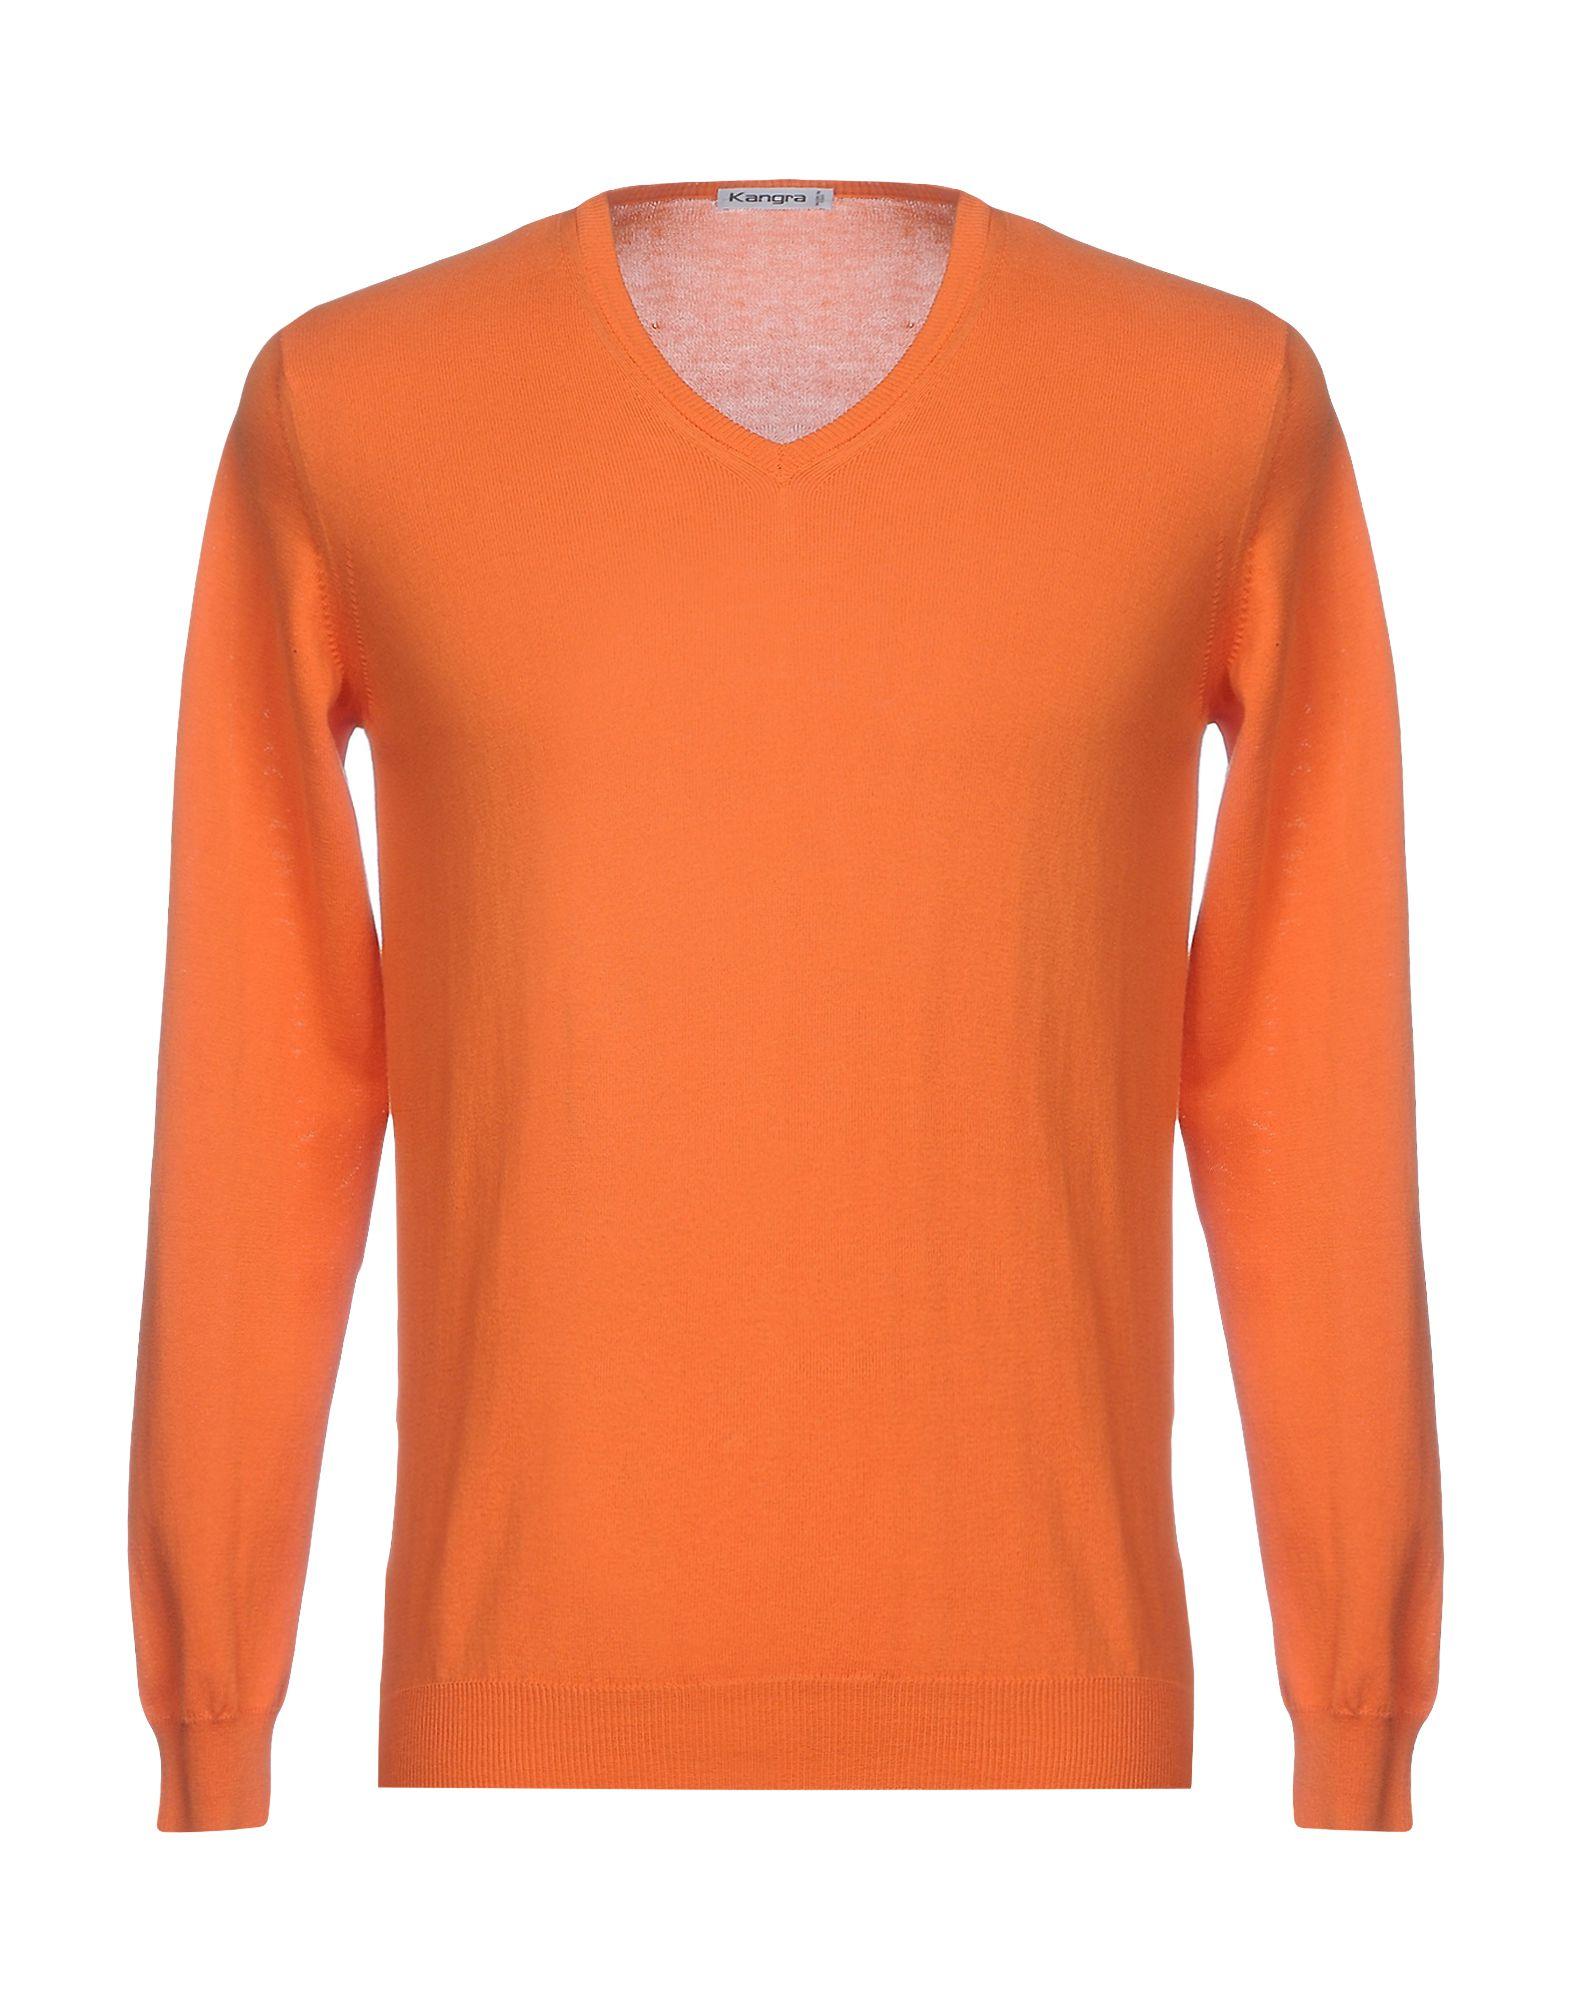 KANGRA CASHMERE Herren Pullover Farbe Orange Größe 3